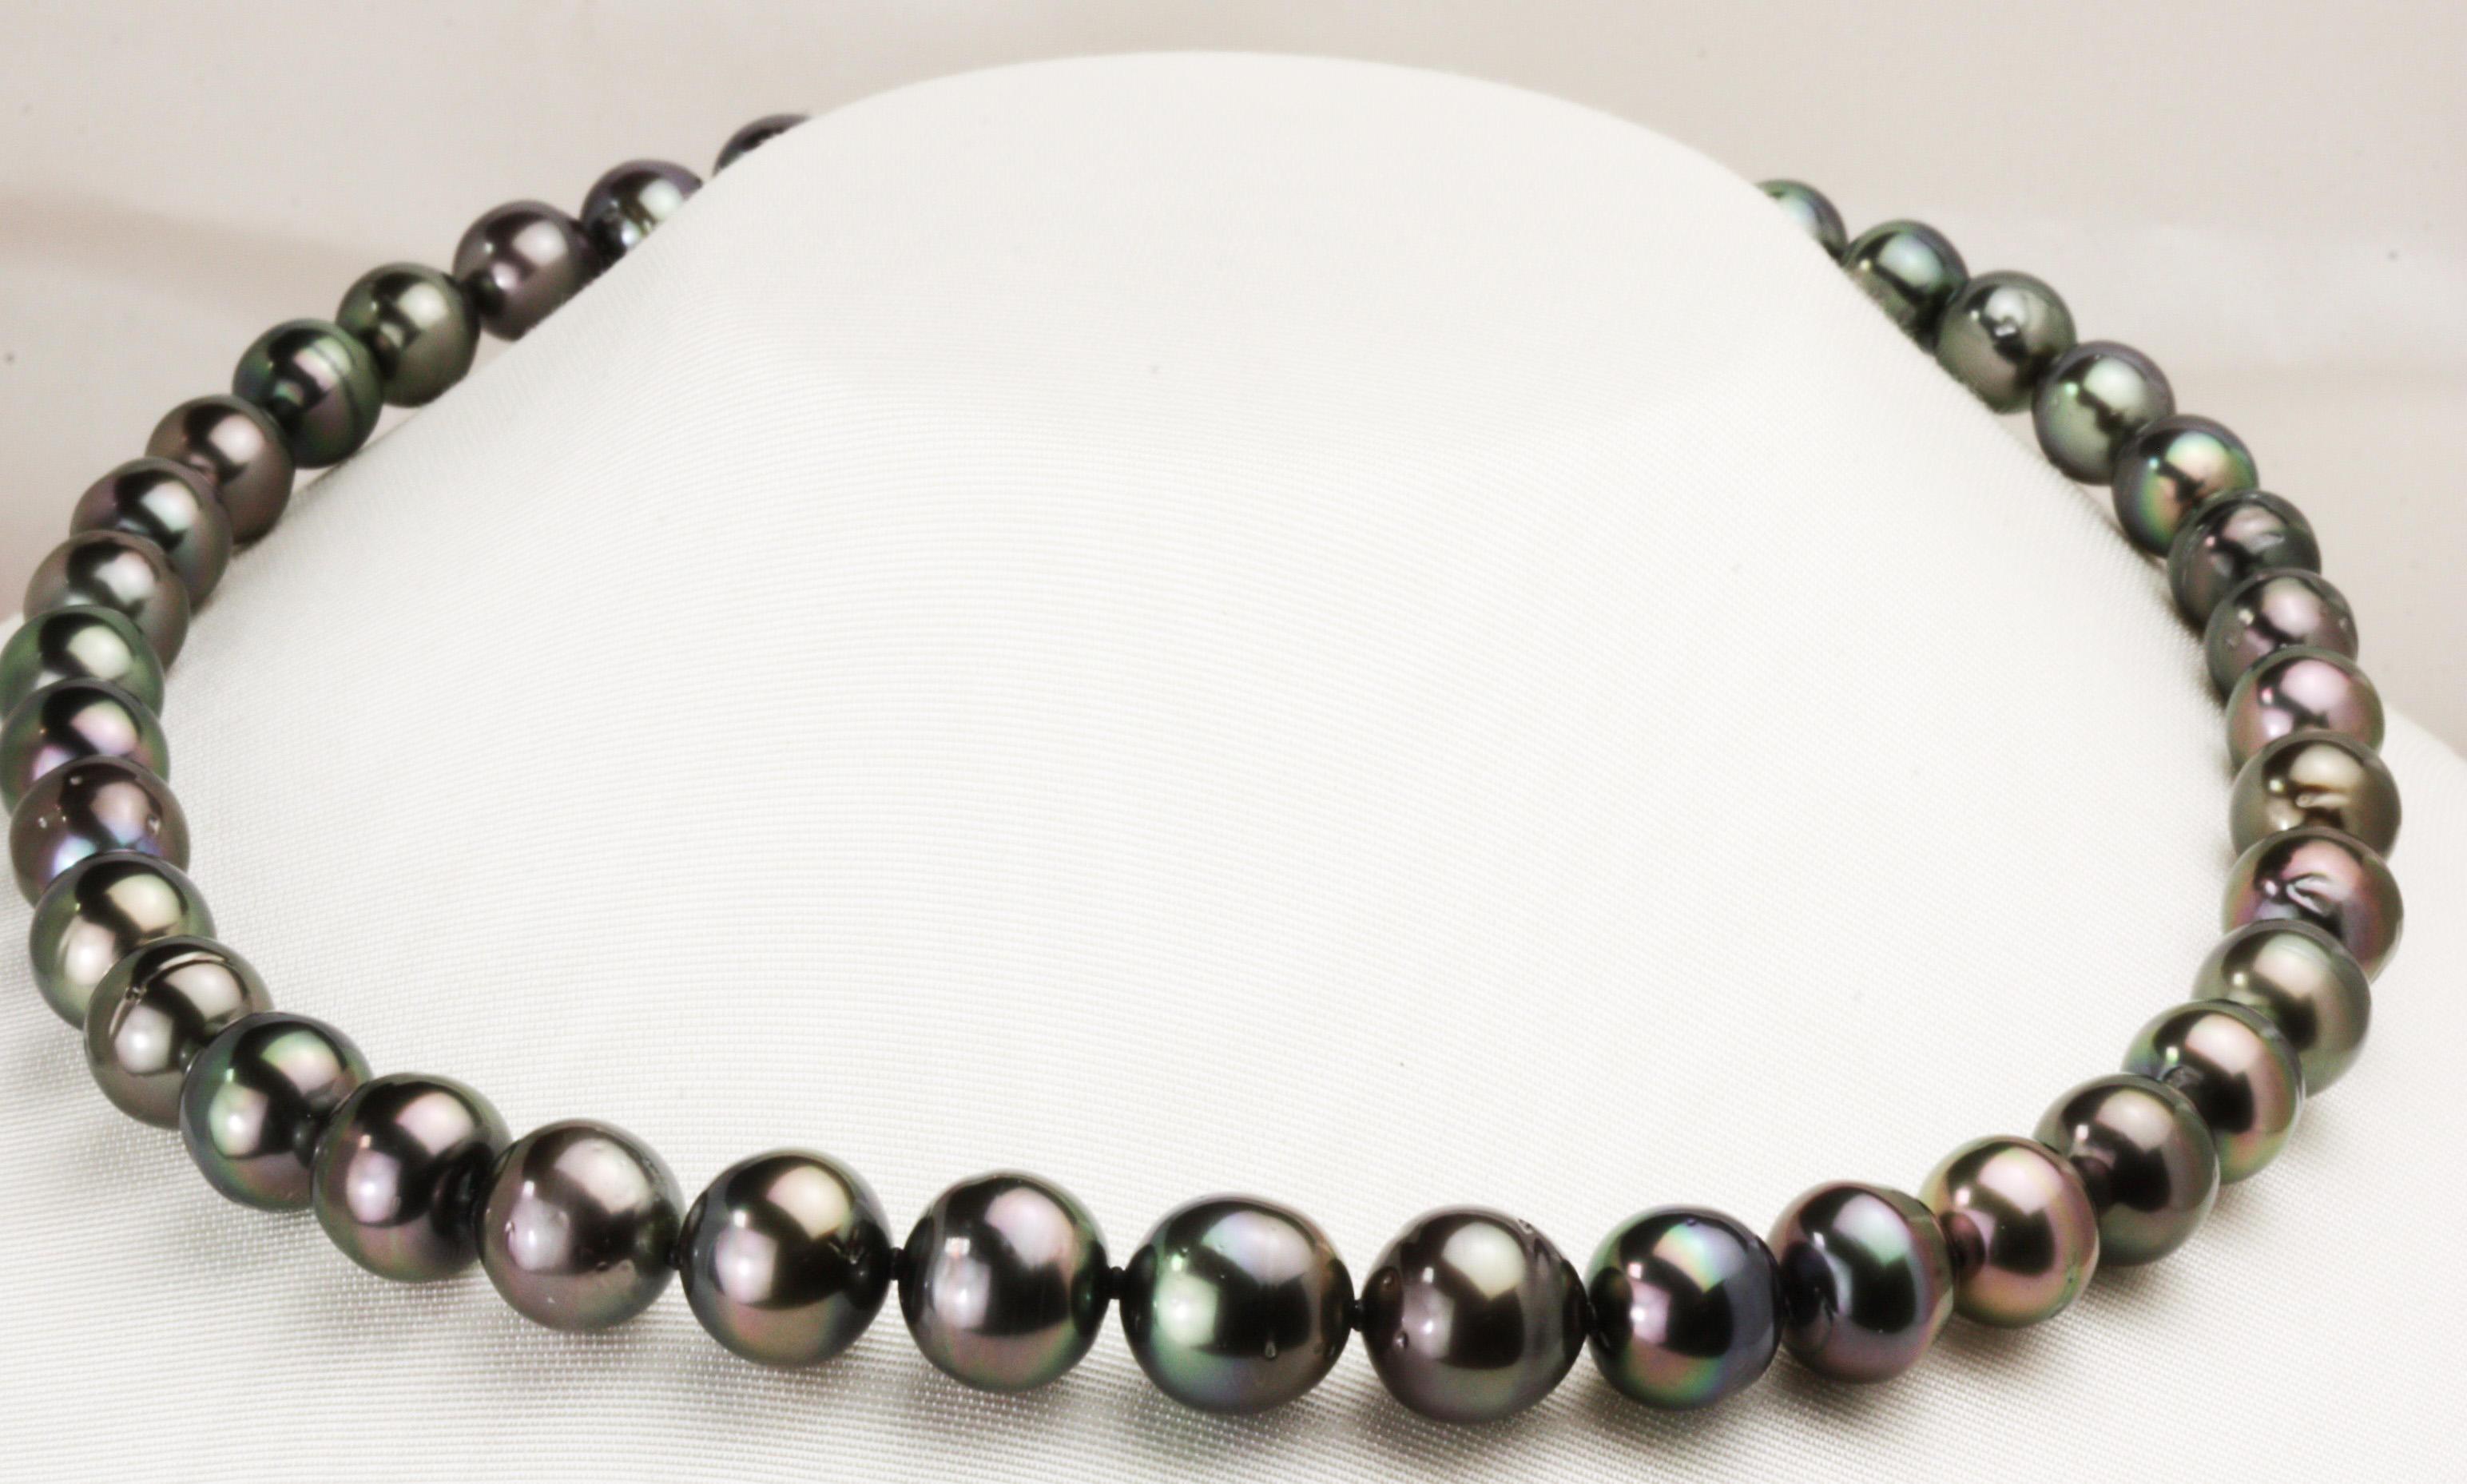 いつかは欲しかった憧れの黒蝶真珠真珠ネックレス11㎜